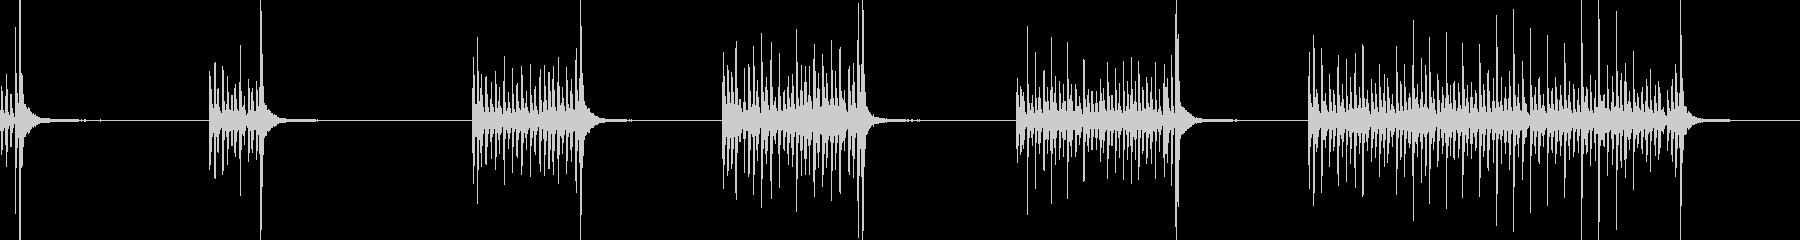 ドラム、スネア、ロール、ブラシ、6...の未再生の波形